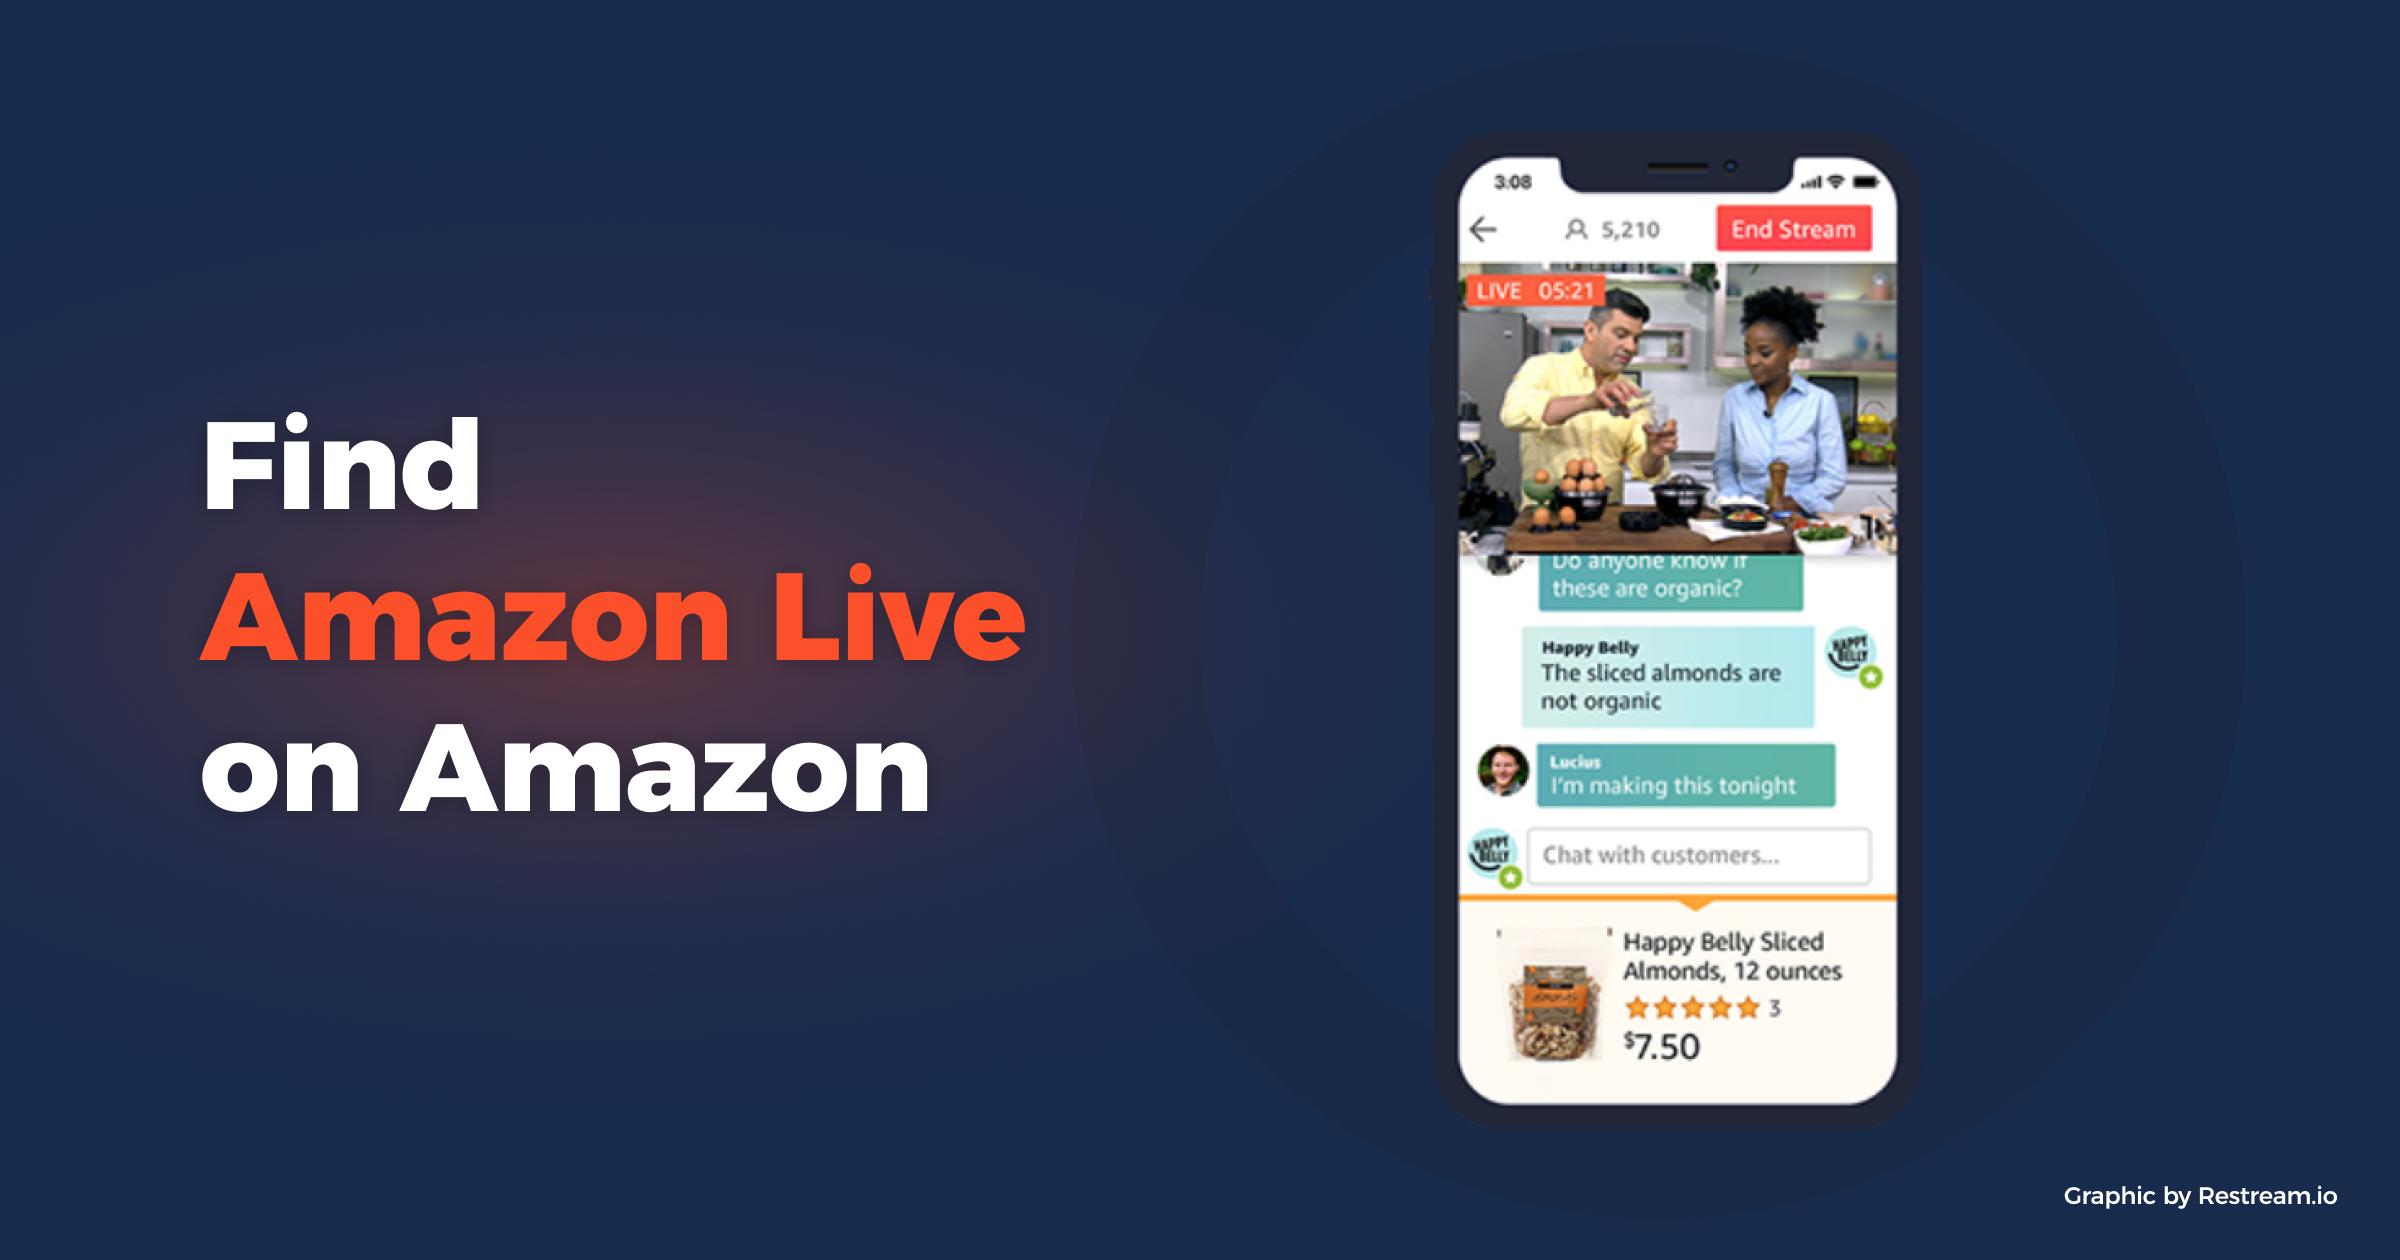 Amazon Live on Mobile app